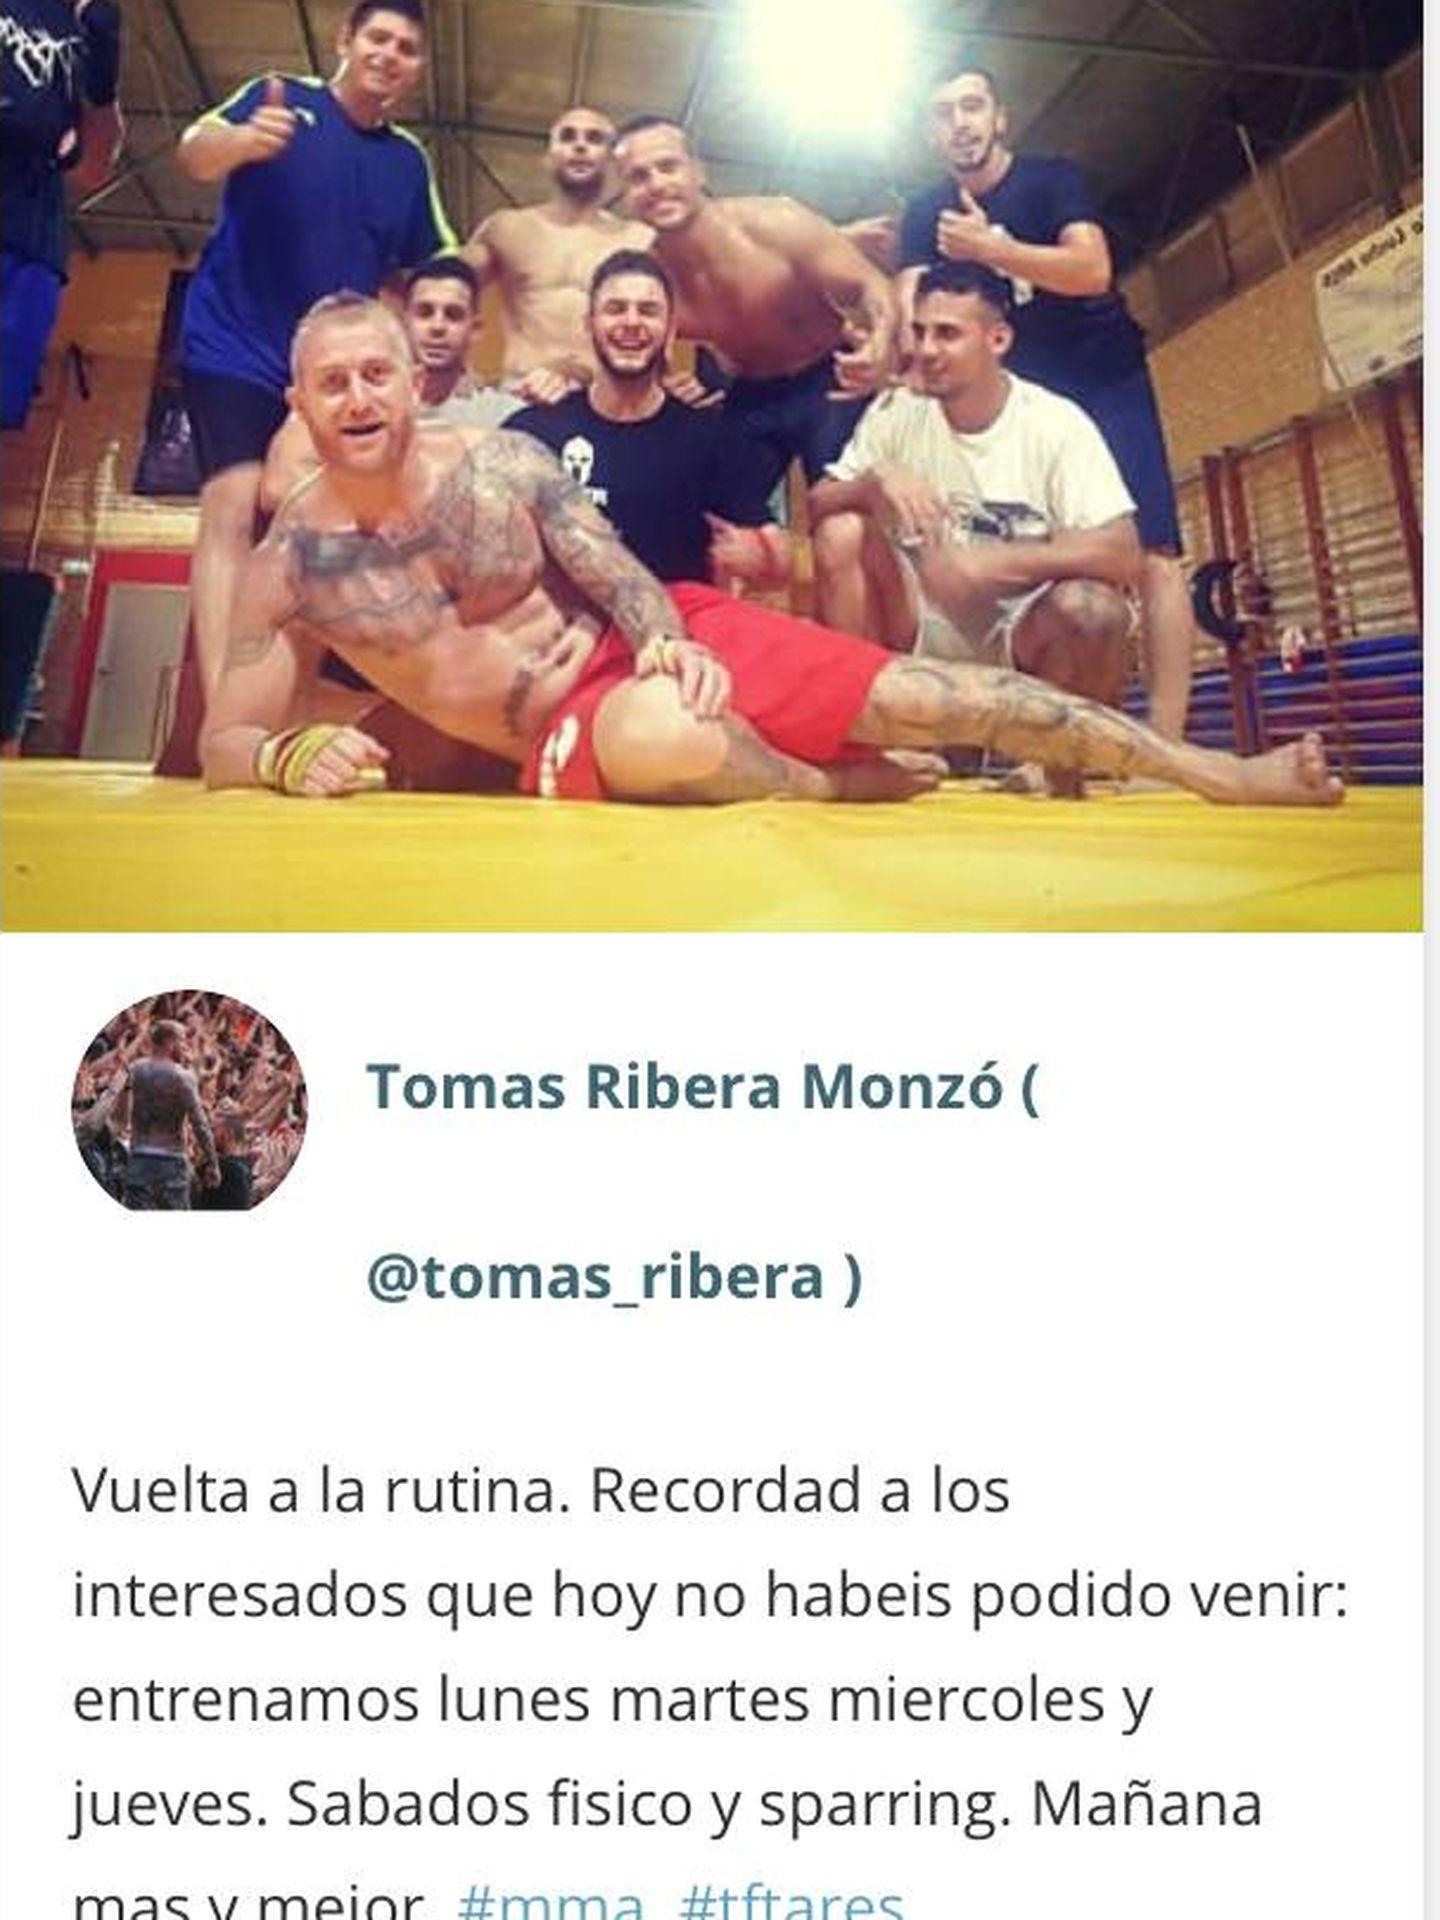 Tumbado con sus amigos de gimnasio, Tomás Ribera, uno de los líderes Yomus en Mestalla.